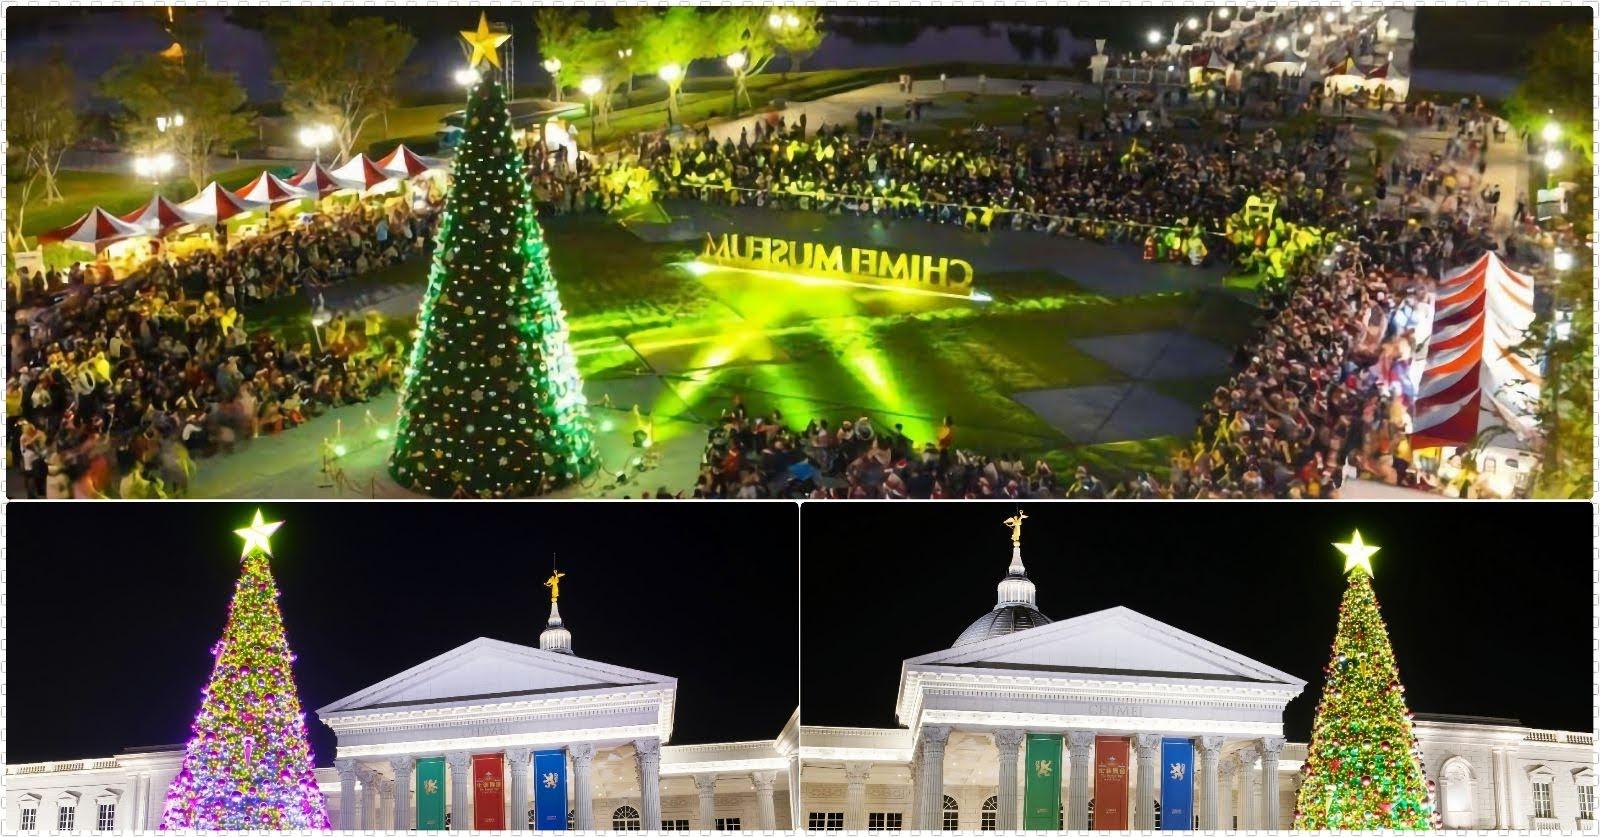 [活動] 2019奇美博物館「聖誕週末-化裝舞會」將於12/14起連續兩個週末展開